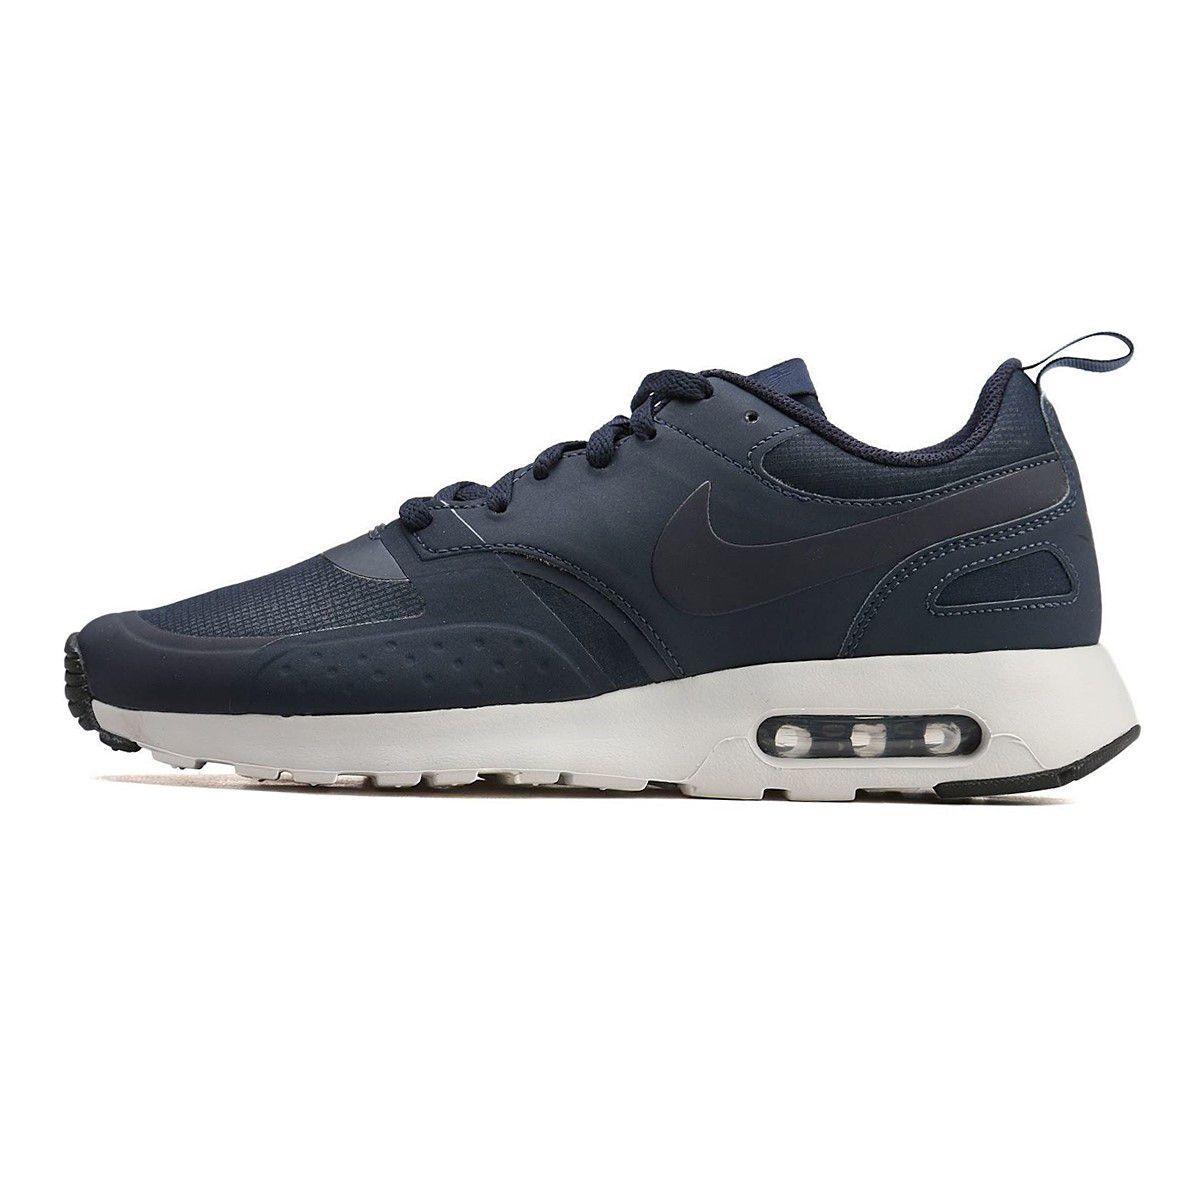 Nike Air Max Vision Spor Ayakkabısı 918229400